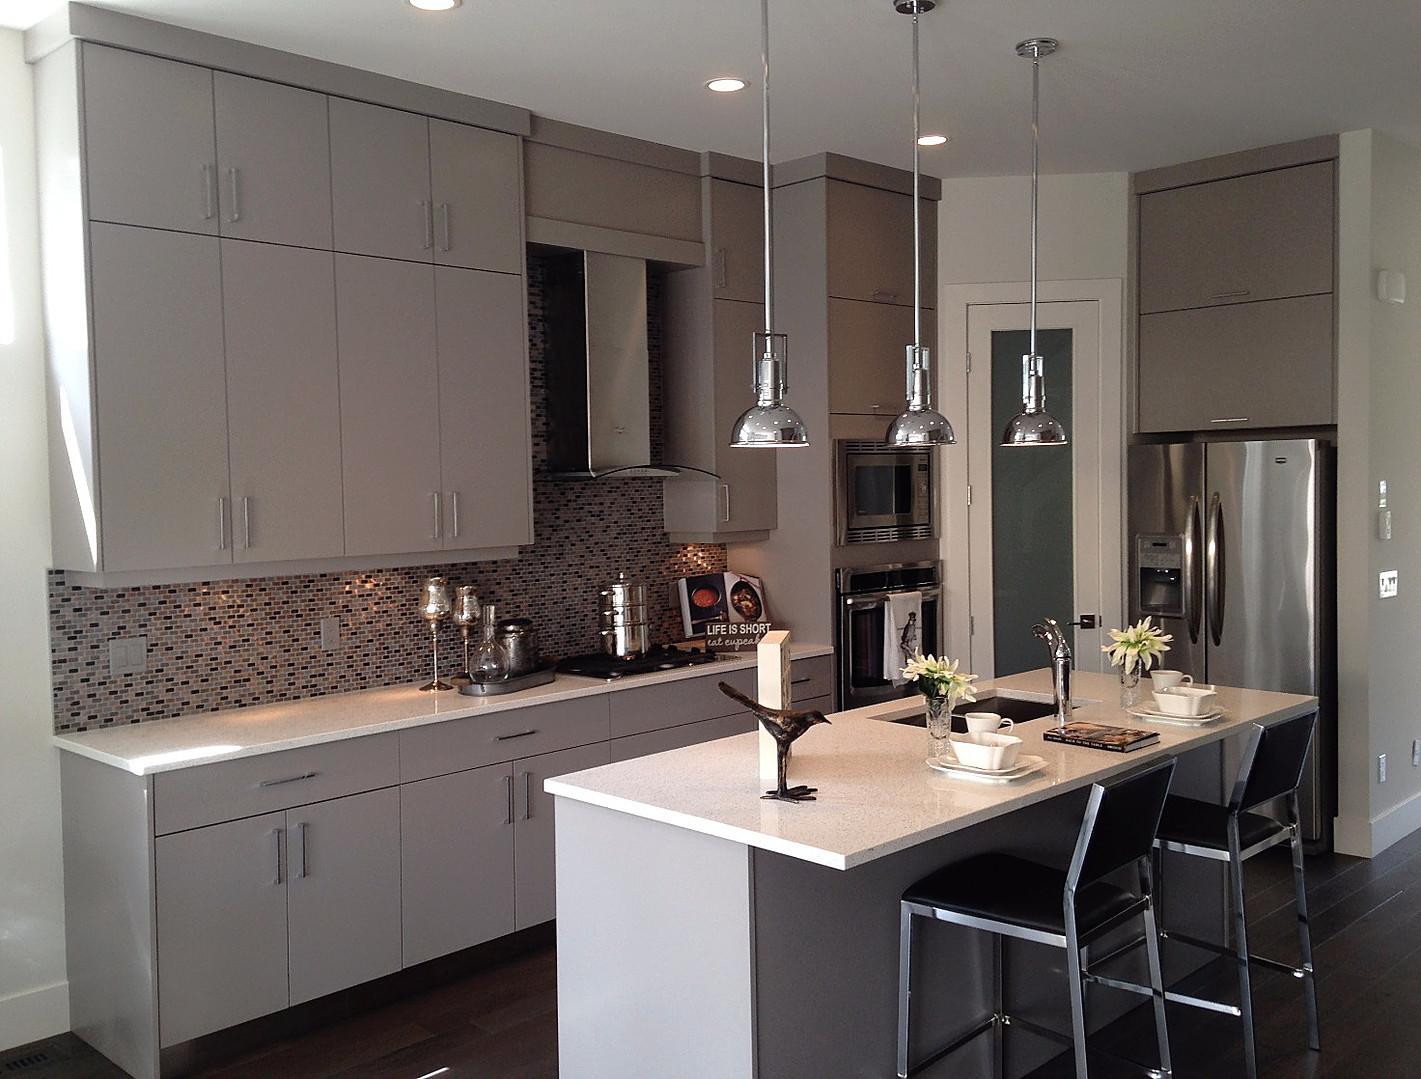 Single family home | Kitchen 2 - M8TRIX5 Development